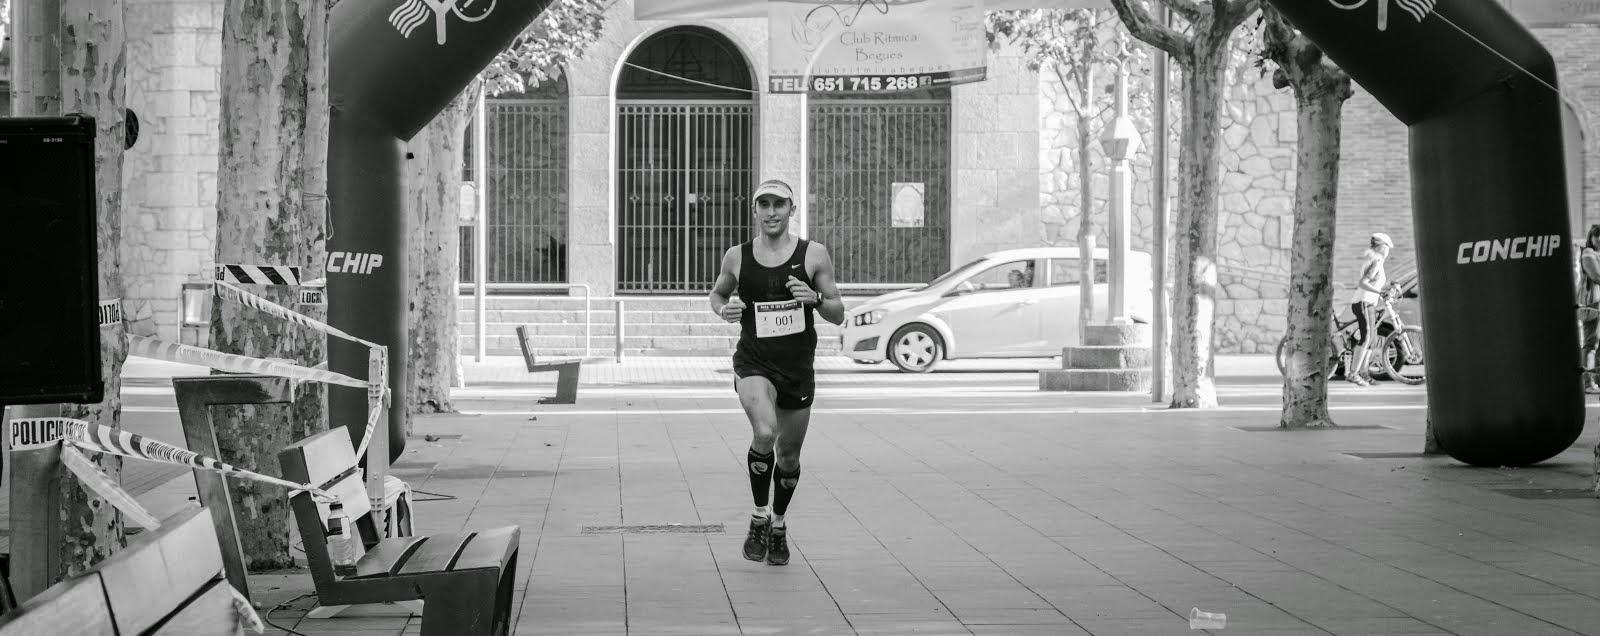 Miguel Ángel: Wellness y triatlón